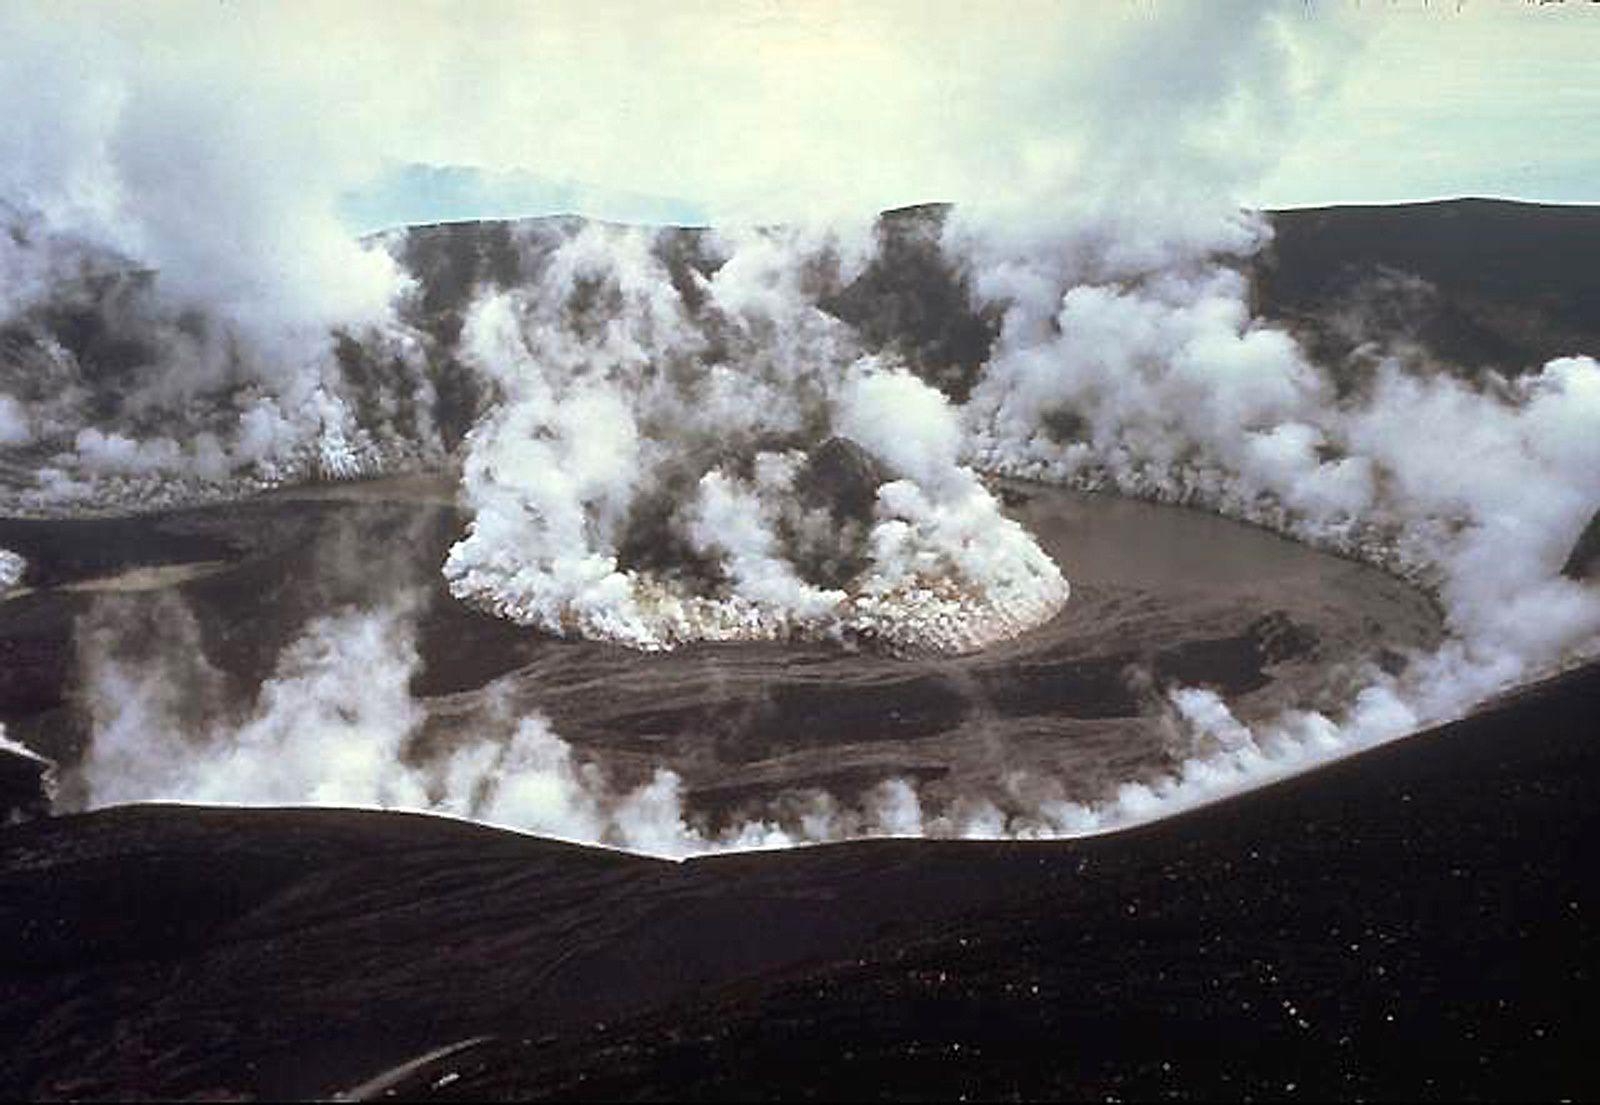 Galunggung 05.02.1983 ... un mois après la fin de l'éruption, des nuages de vapeur s'échappent du cinder cone formé au centre du cratère et des bords internes de la caldeira ; un lac commence à se former qui va engloutir presque l'entièreté du cône - photo Don Peterson USGS.